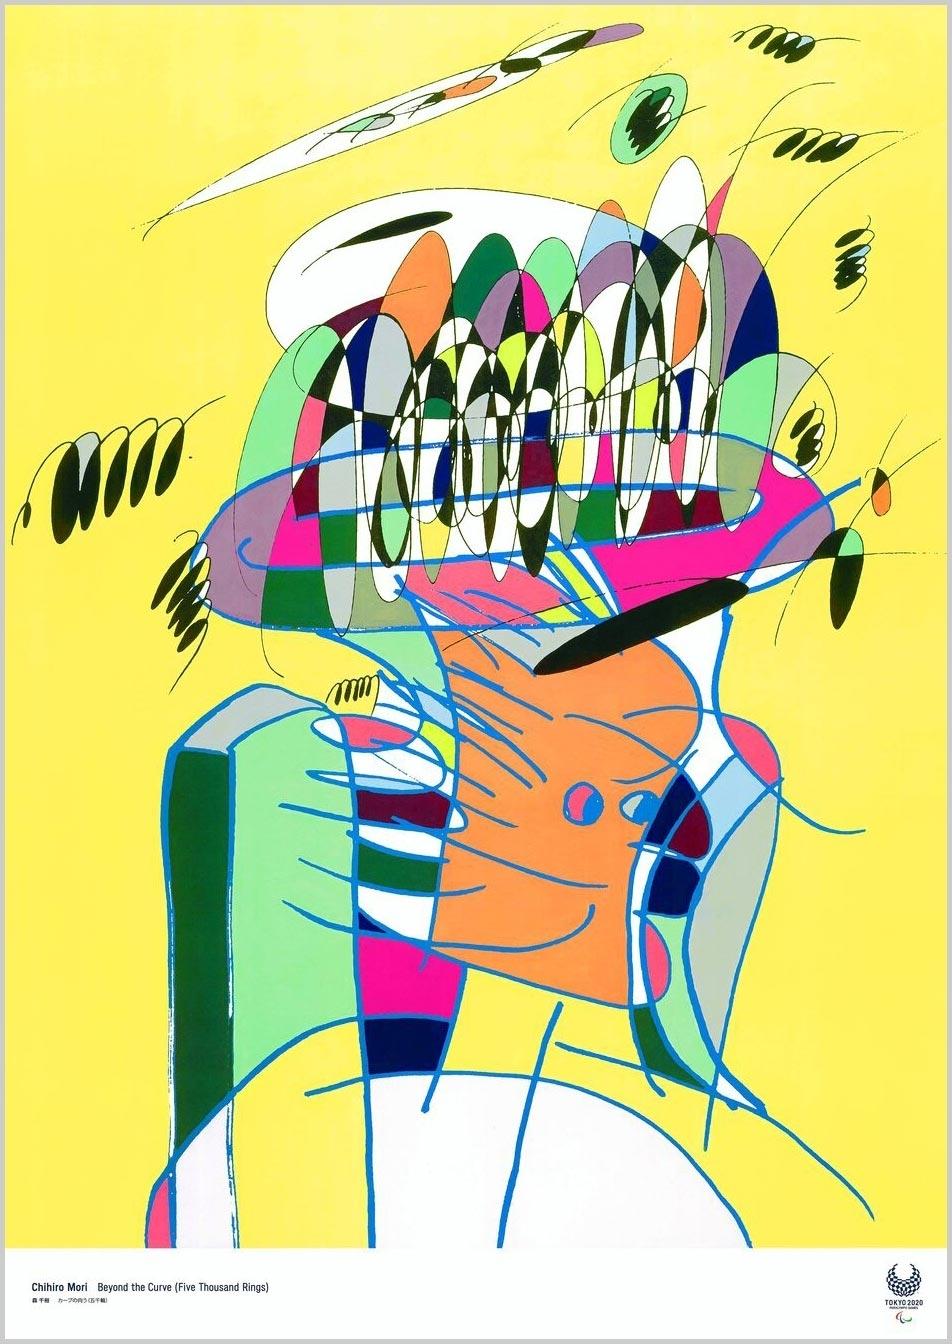 Chihiro Mori (Artista) Cartazes oficiais para os Jogos Olímpicos Tóquio 2020